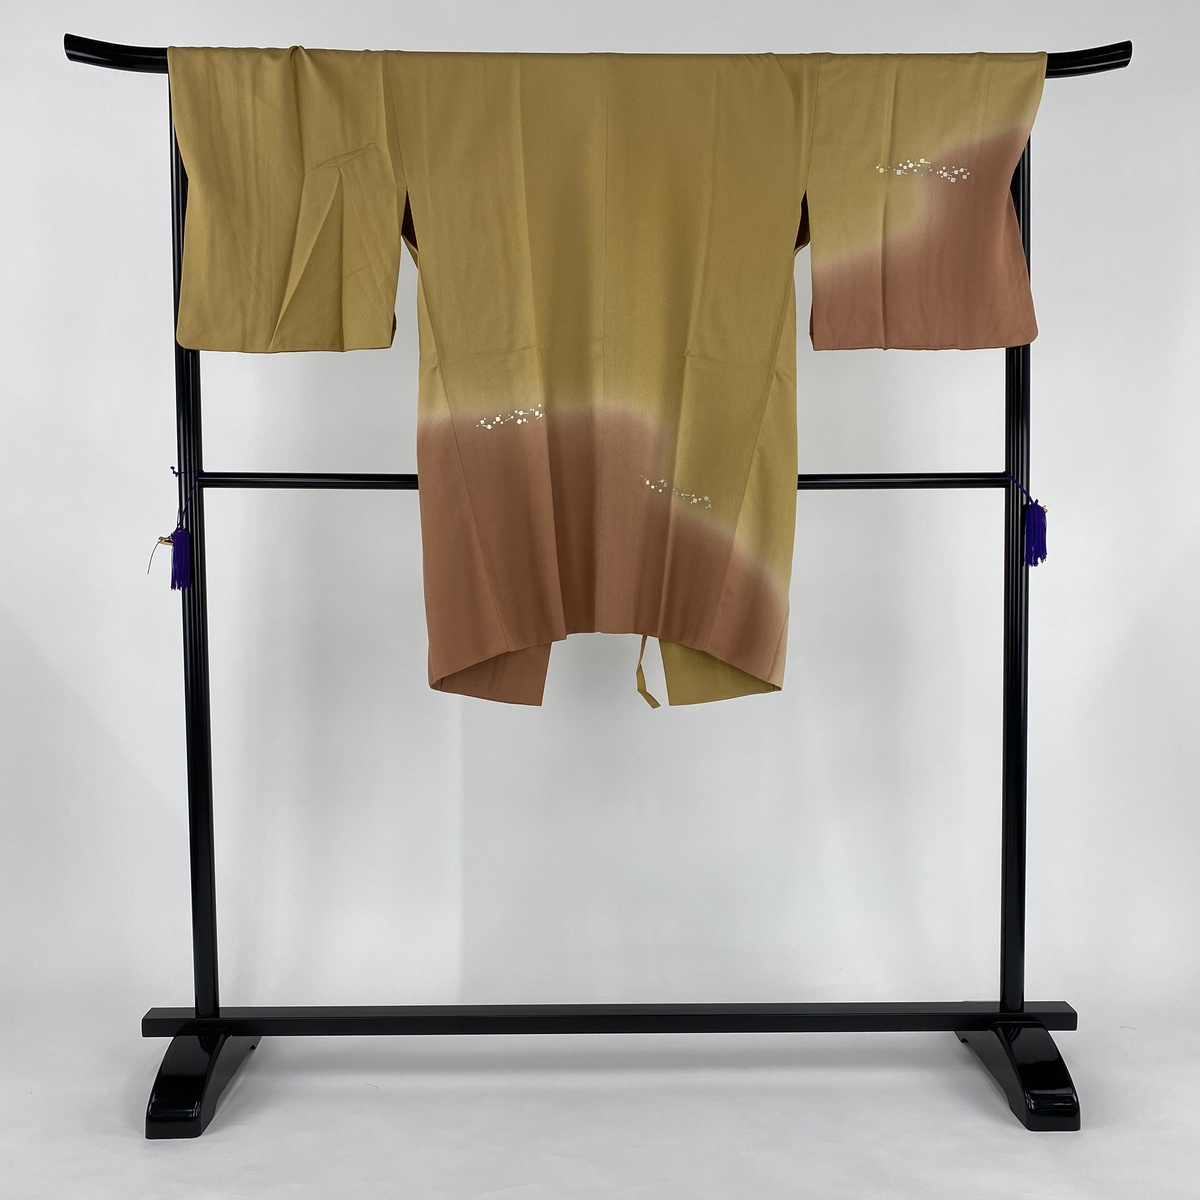 道中着 美品 逸品 和装コート 箔散し 金銀彩 ぼかし 黄土色 身丈97.5cm 裄丈69.5cm L 正絹 【中古】